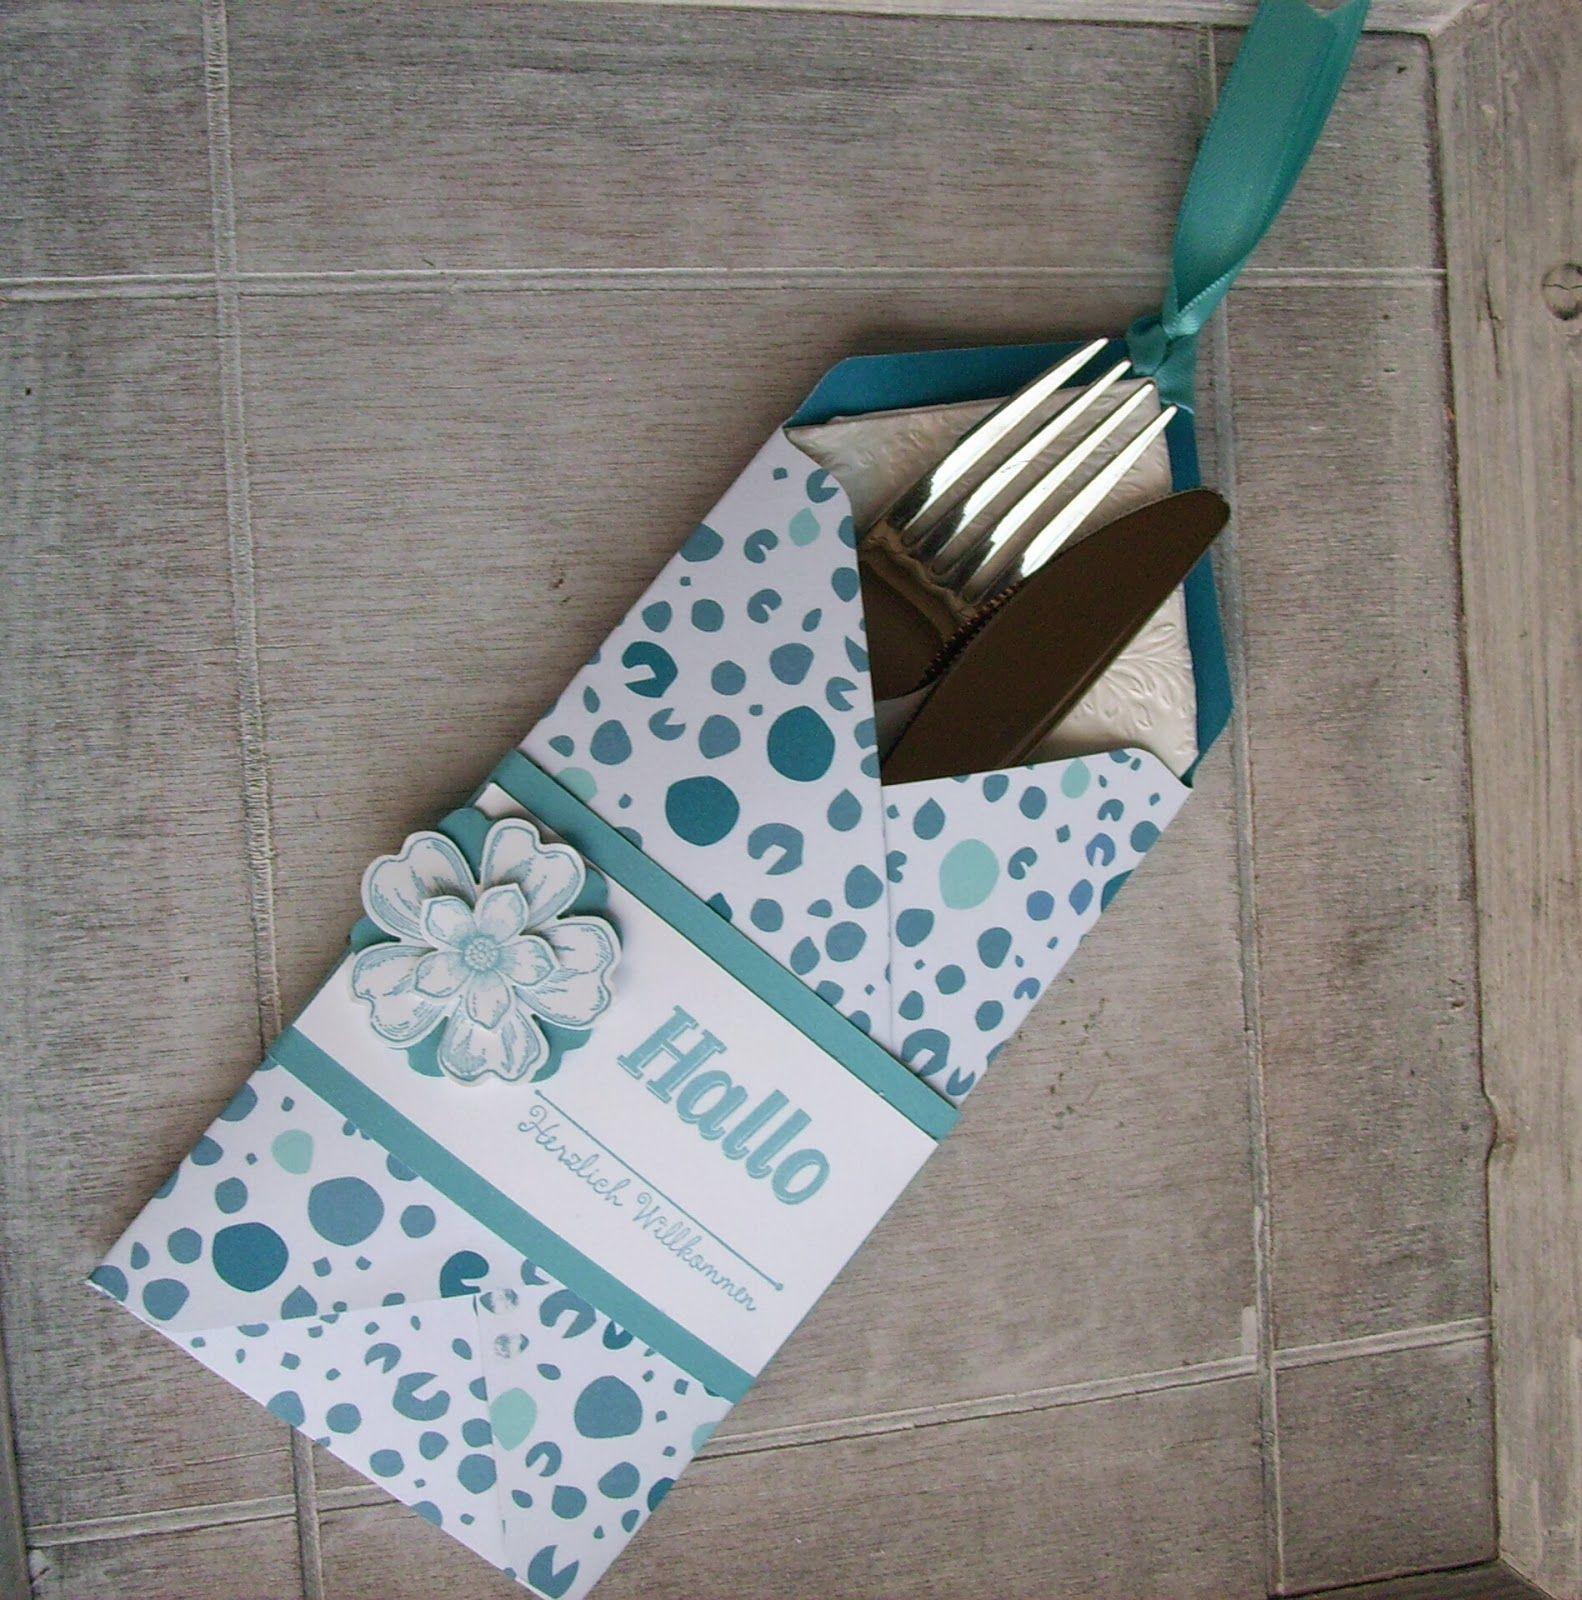 Bestecktaschen Basteln bestecktaschen mit dem envelope punchboard bestecktasche